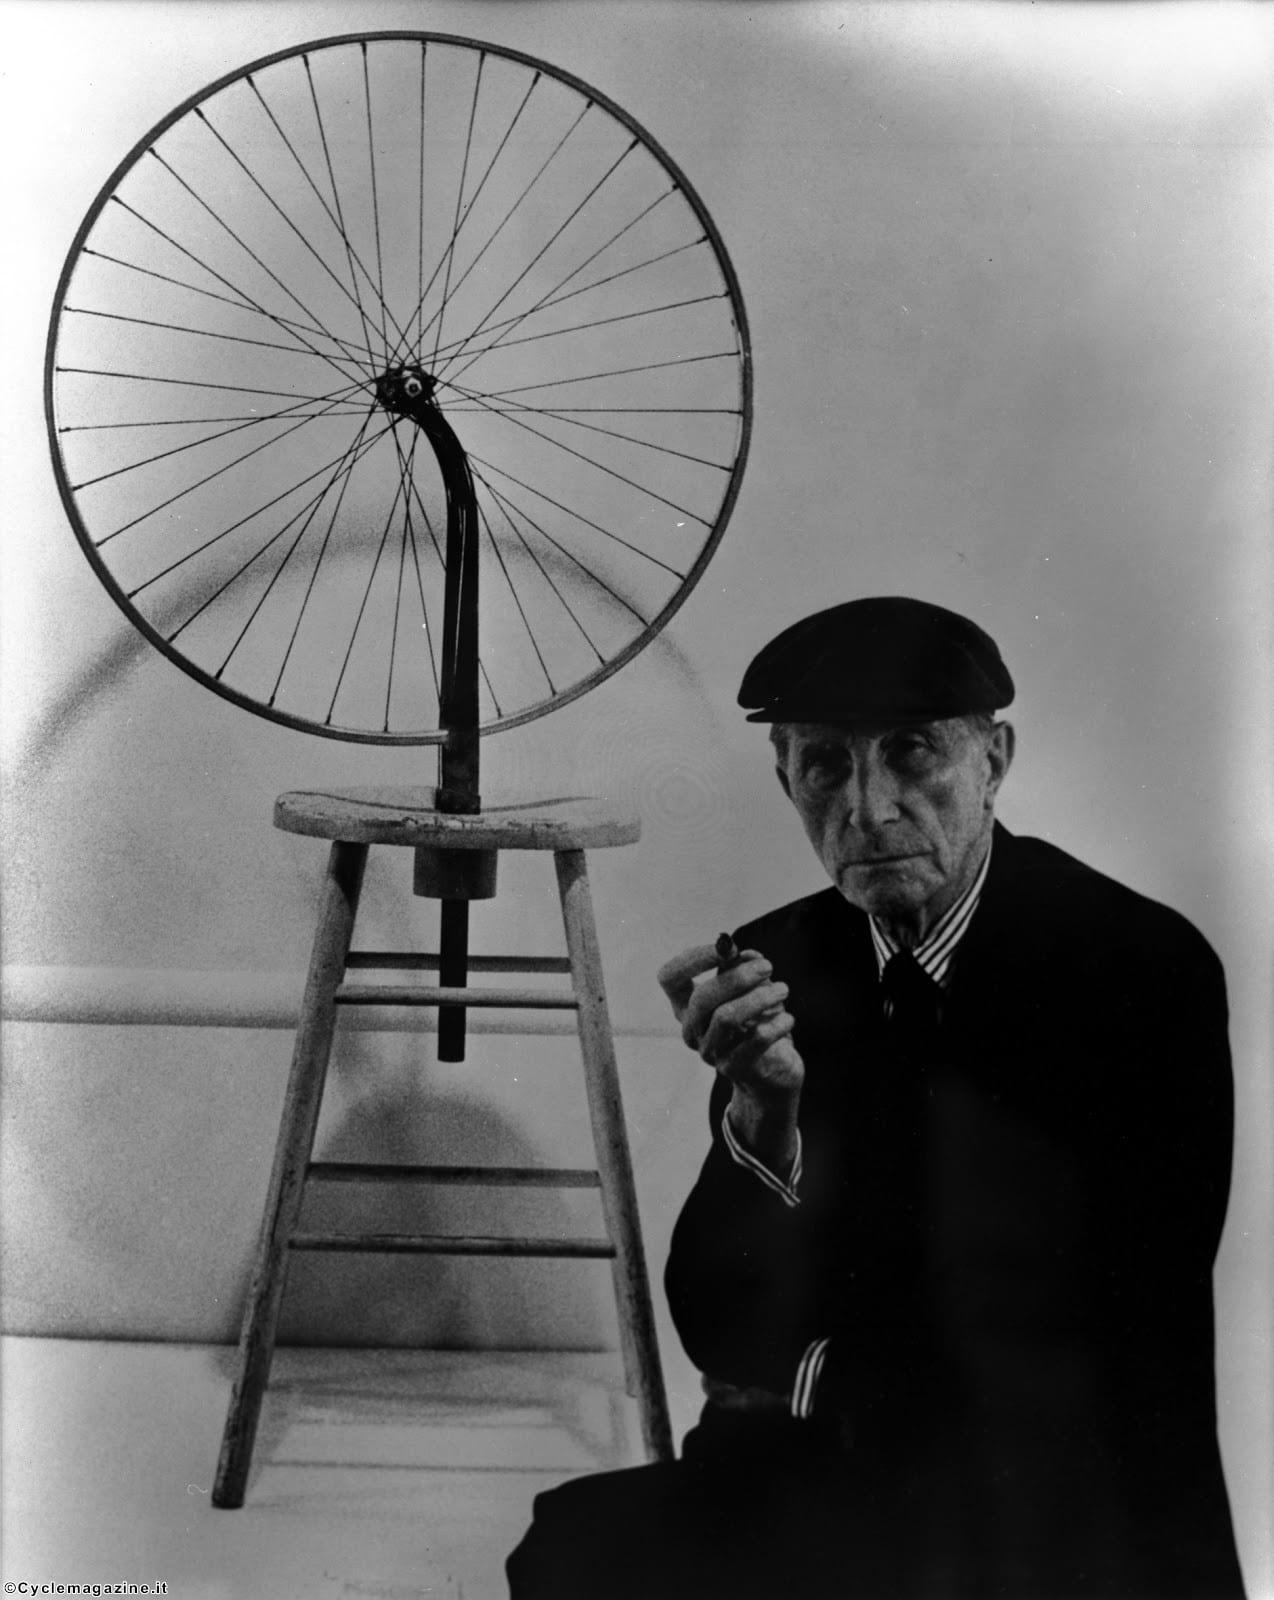 Possibili tangenti: Marcel Duchamp incontra Friedrich Nietzsche, dall'Eterno Ritorno alla Ruota di bicicletta